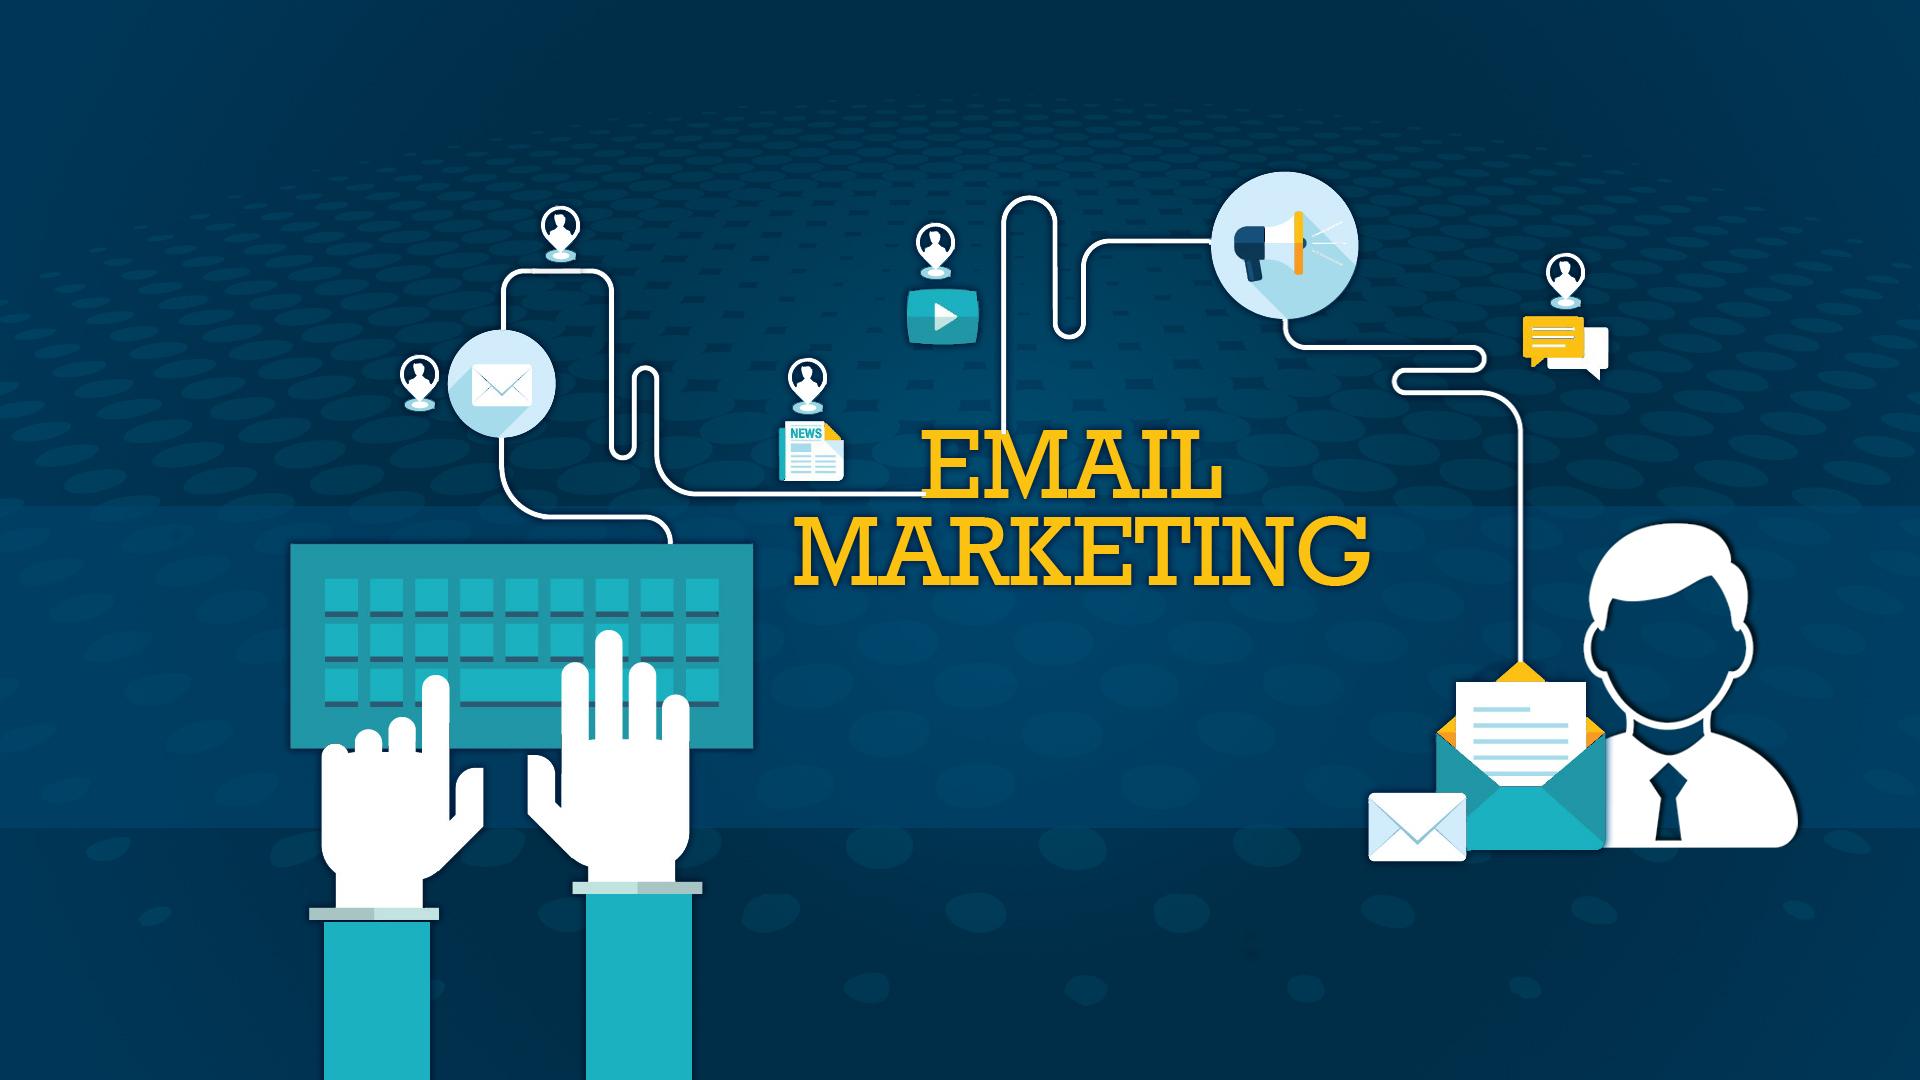 lam the nao de tro thanh mot quan ly email marketing gioi